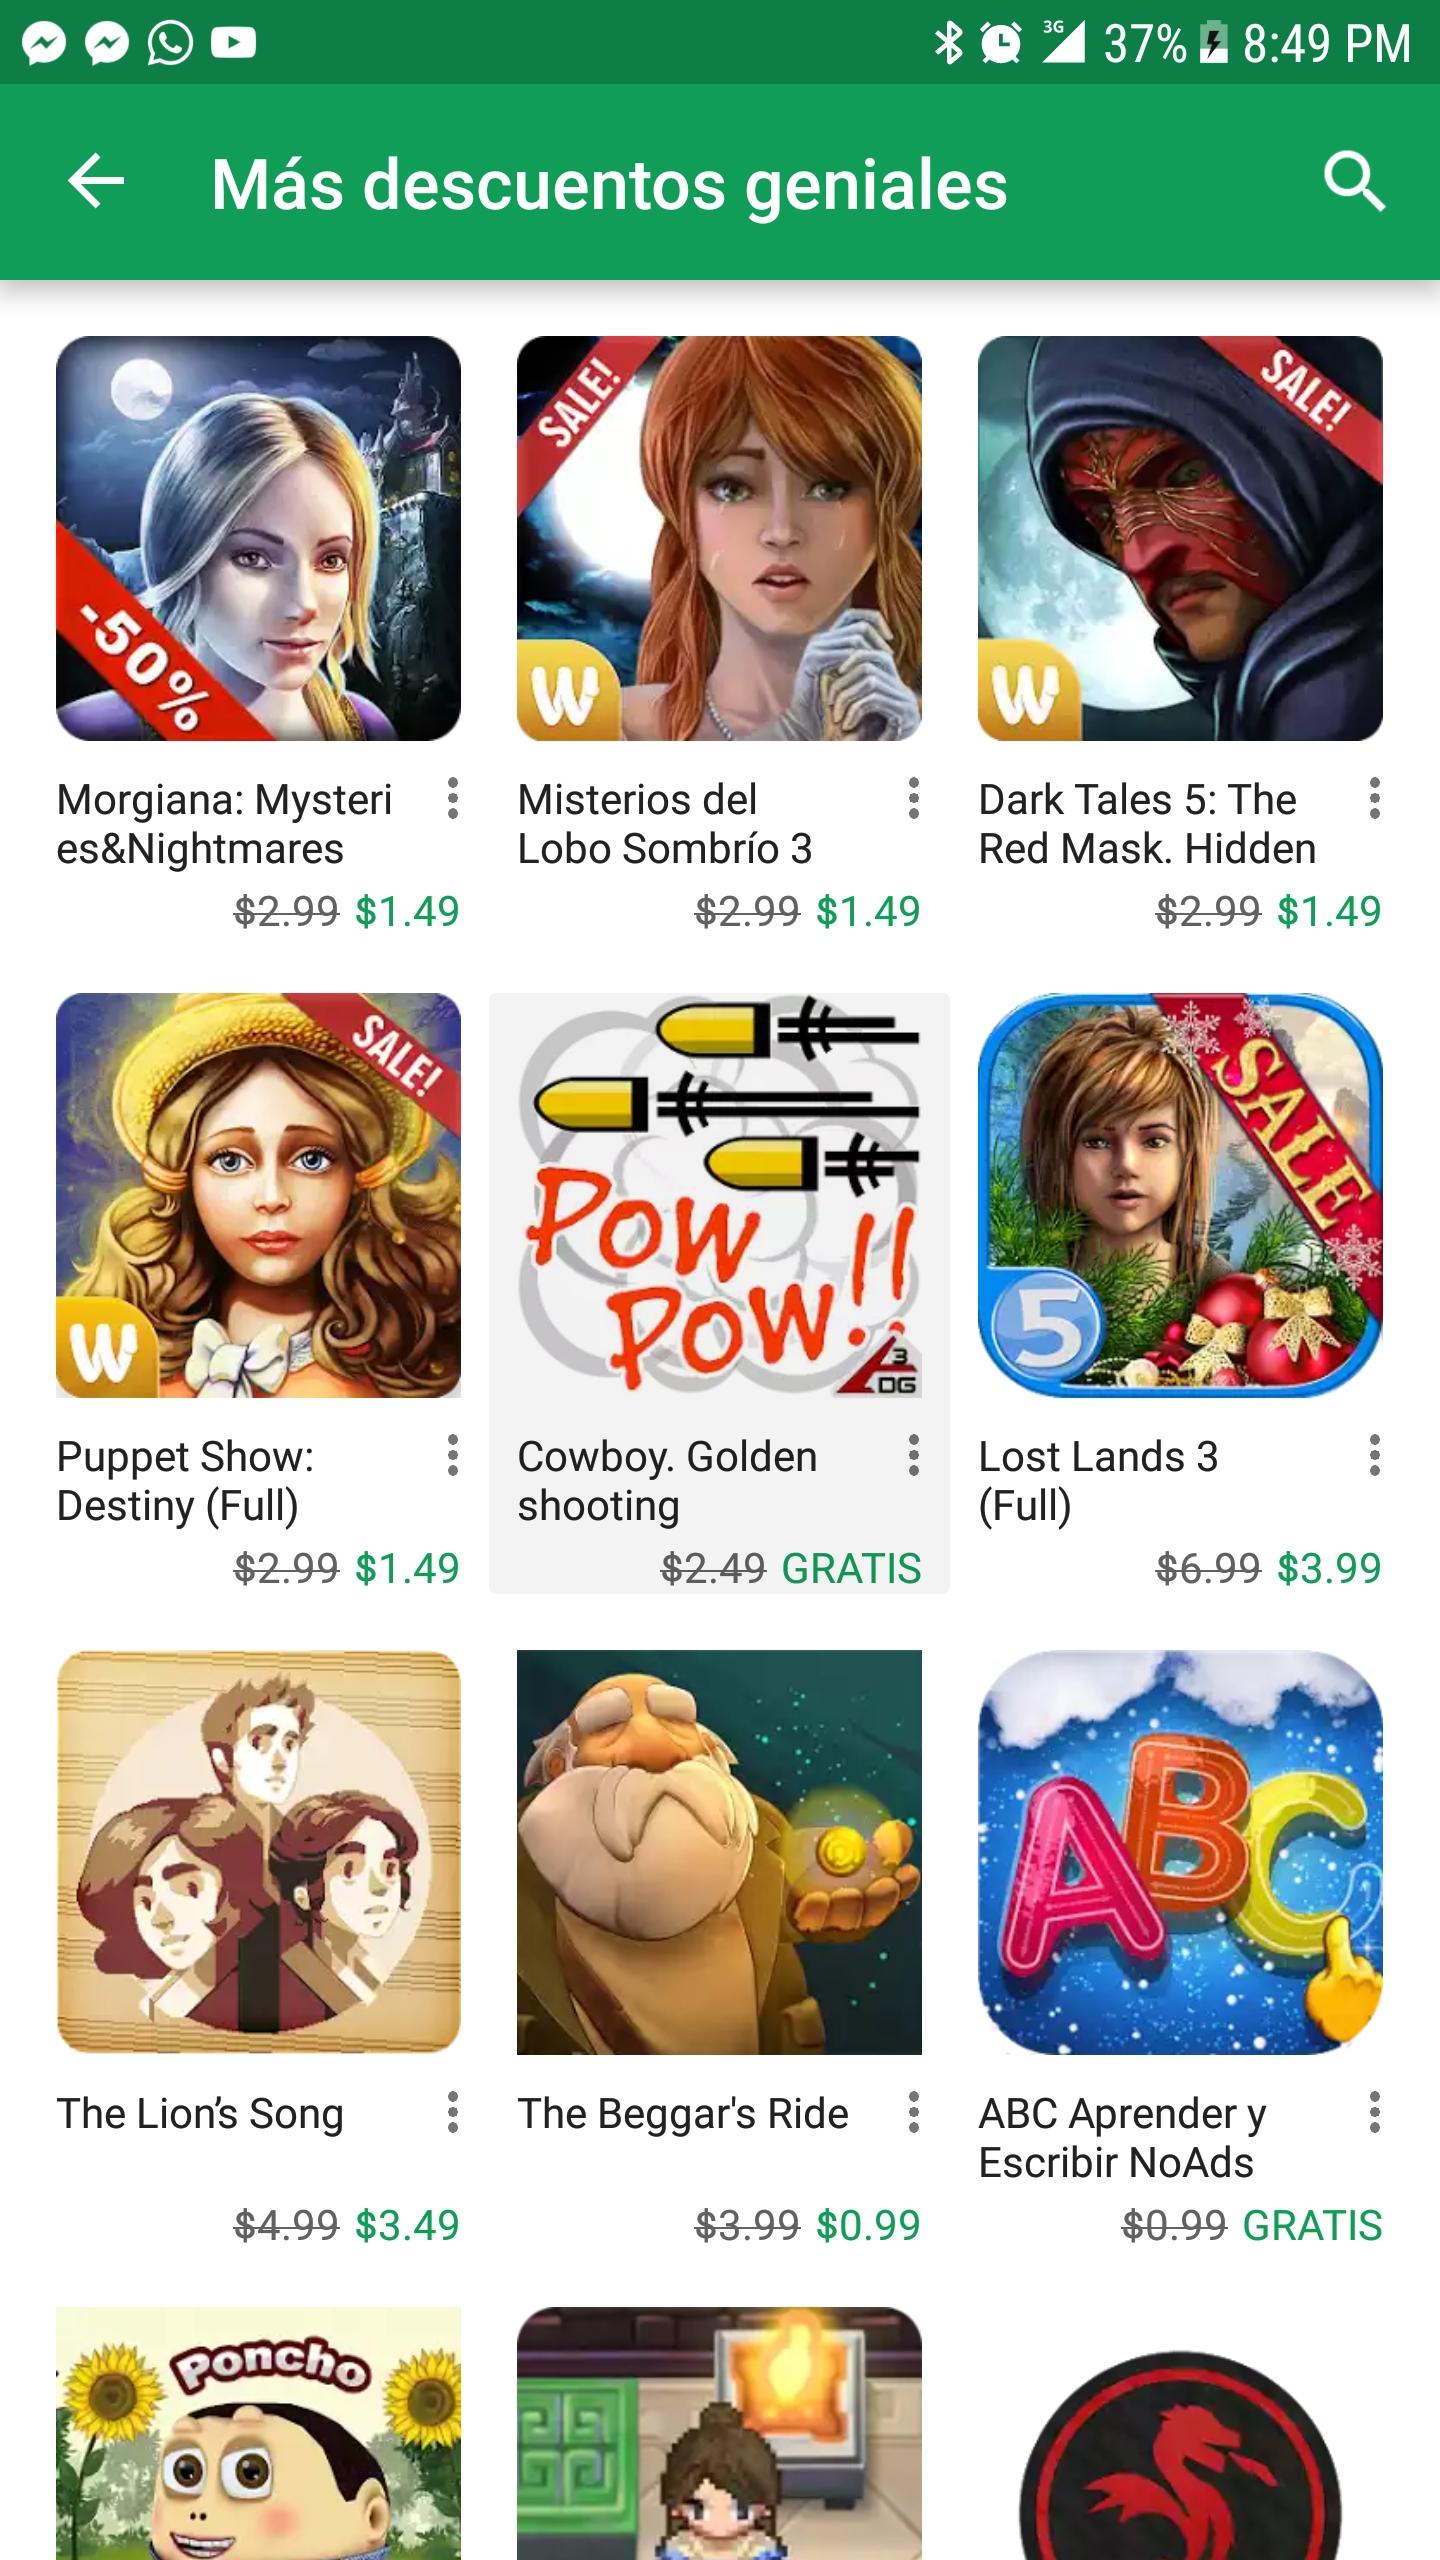 Google Play: Más descuentos geniales en Apps y juegos